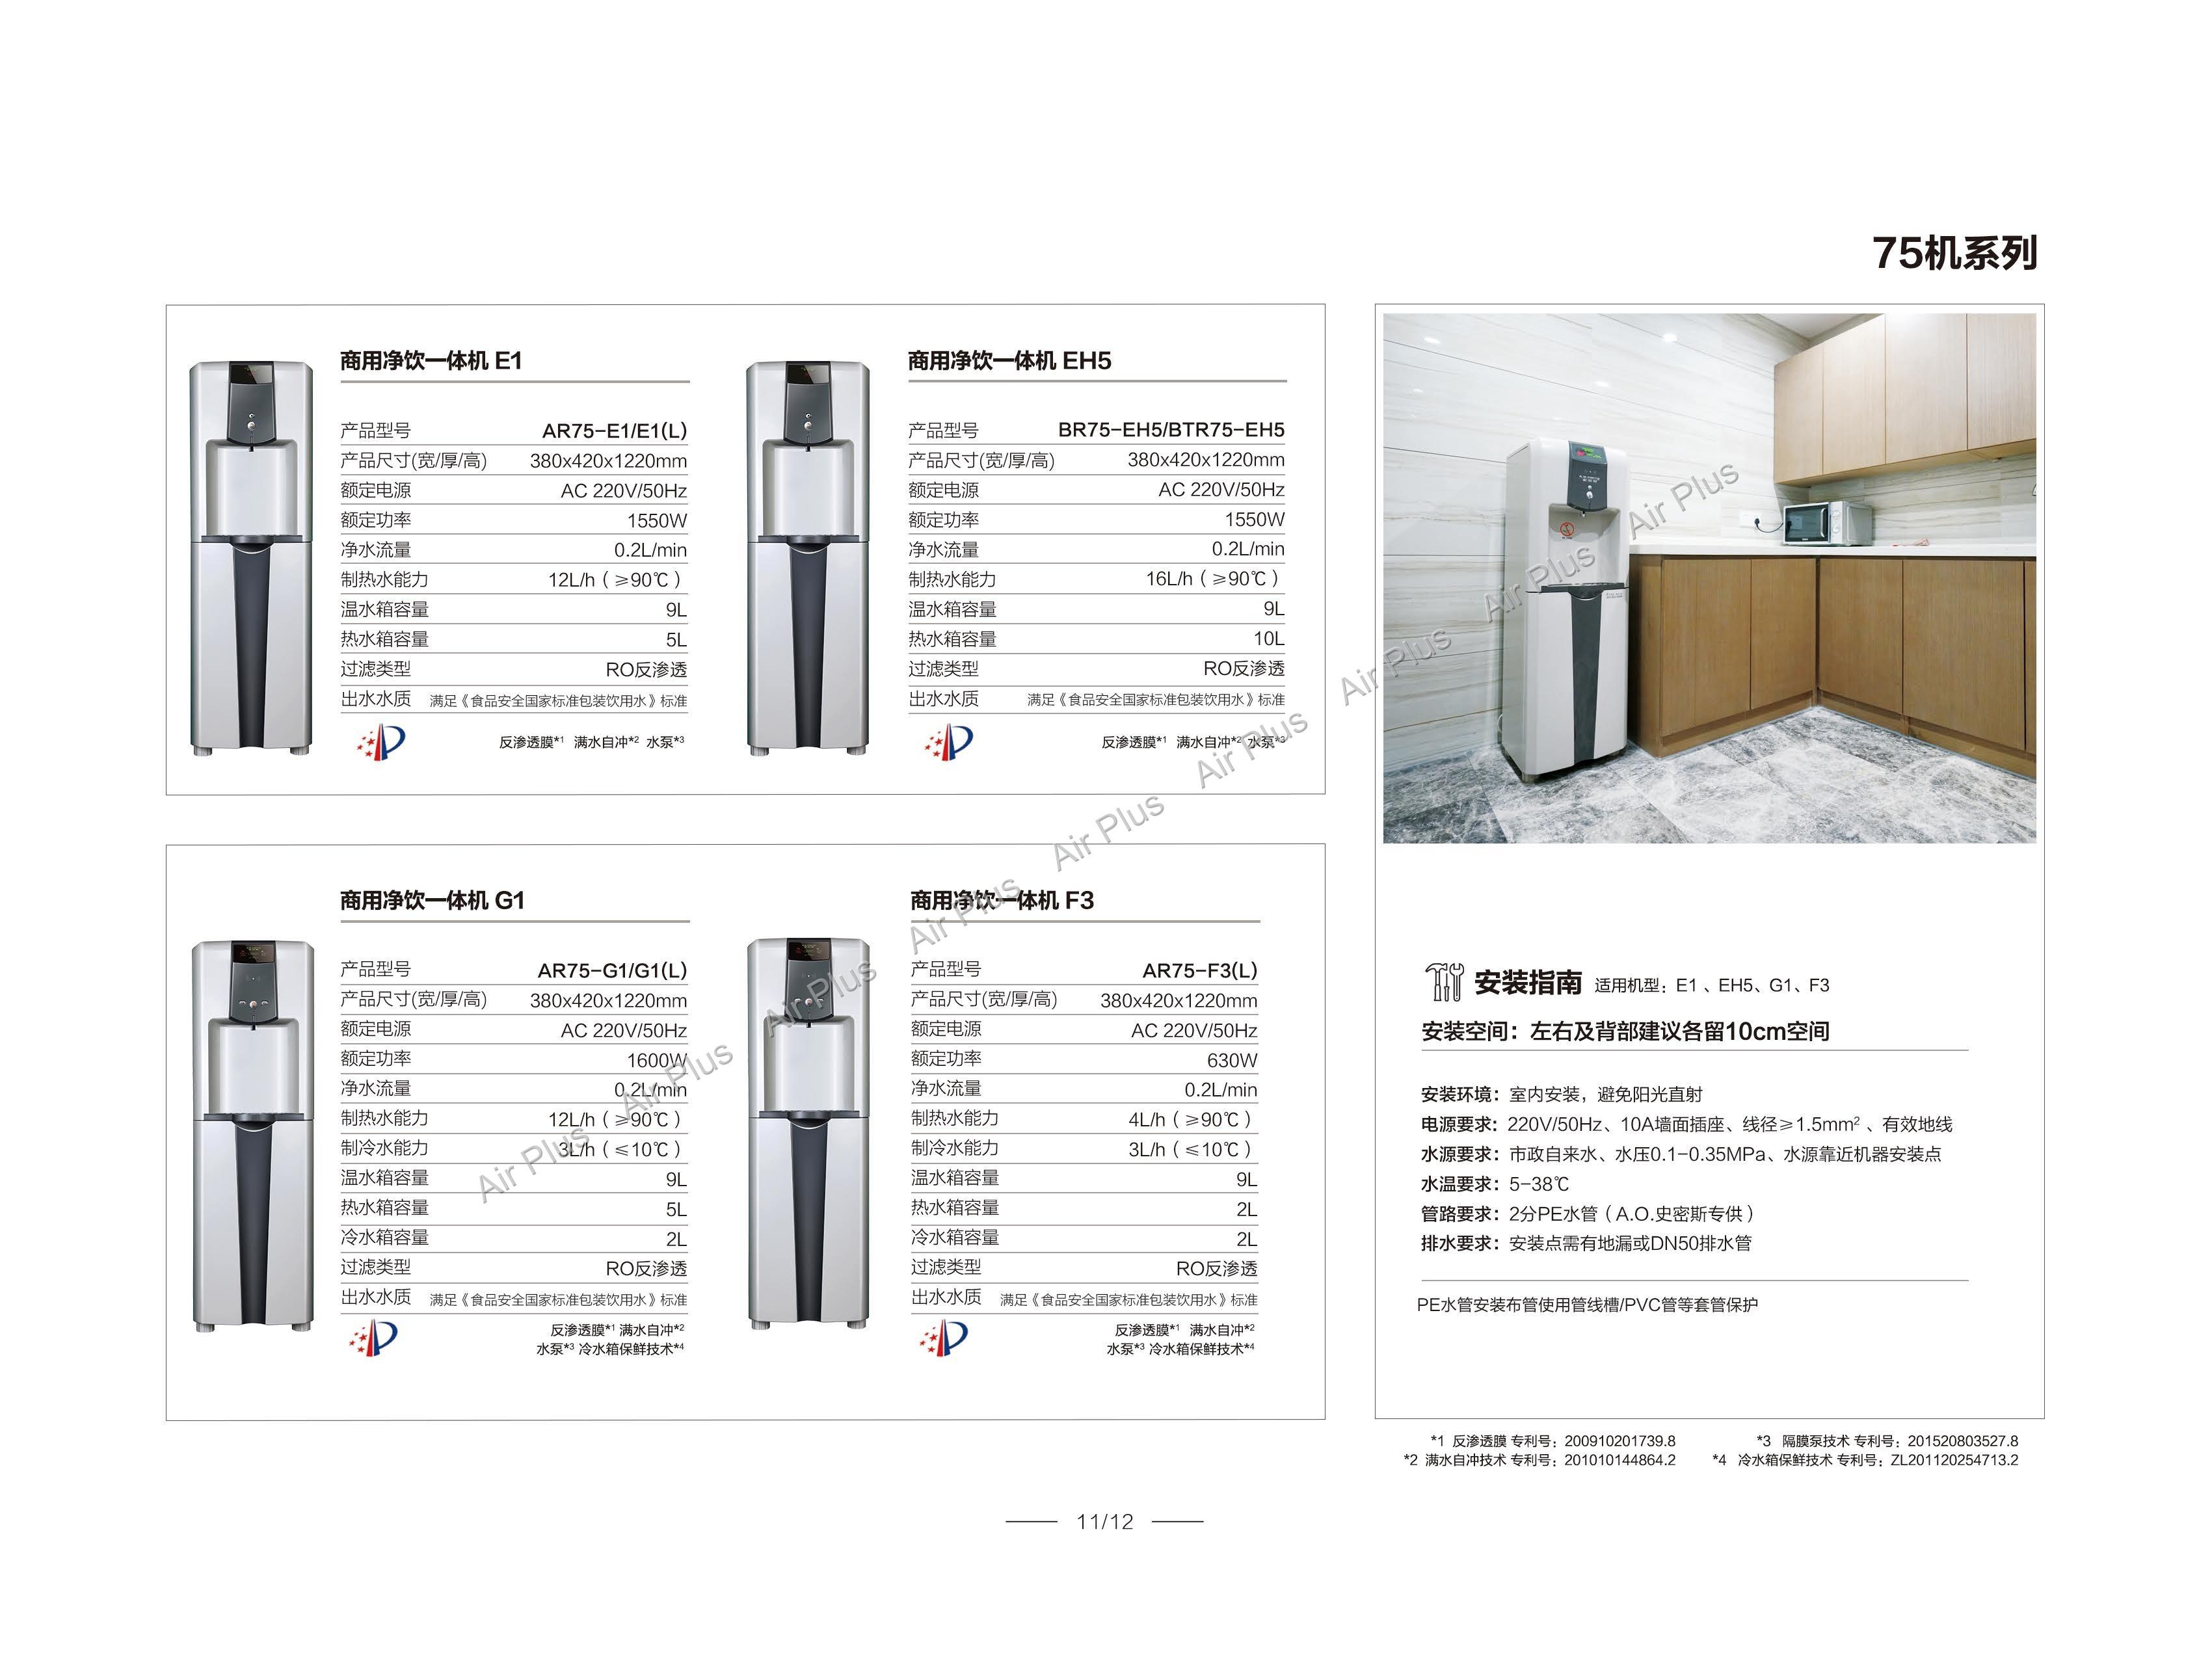 A.O.SMITH商用净水产品手册 手机端(1)_页面_13.jpg